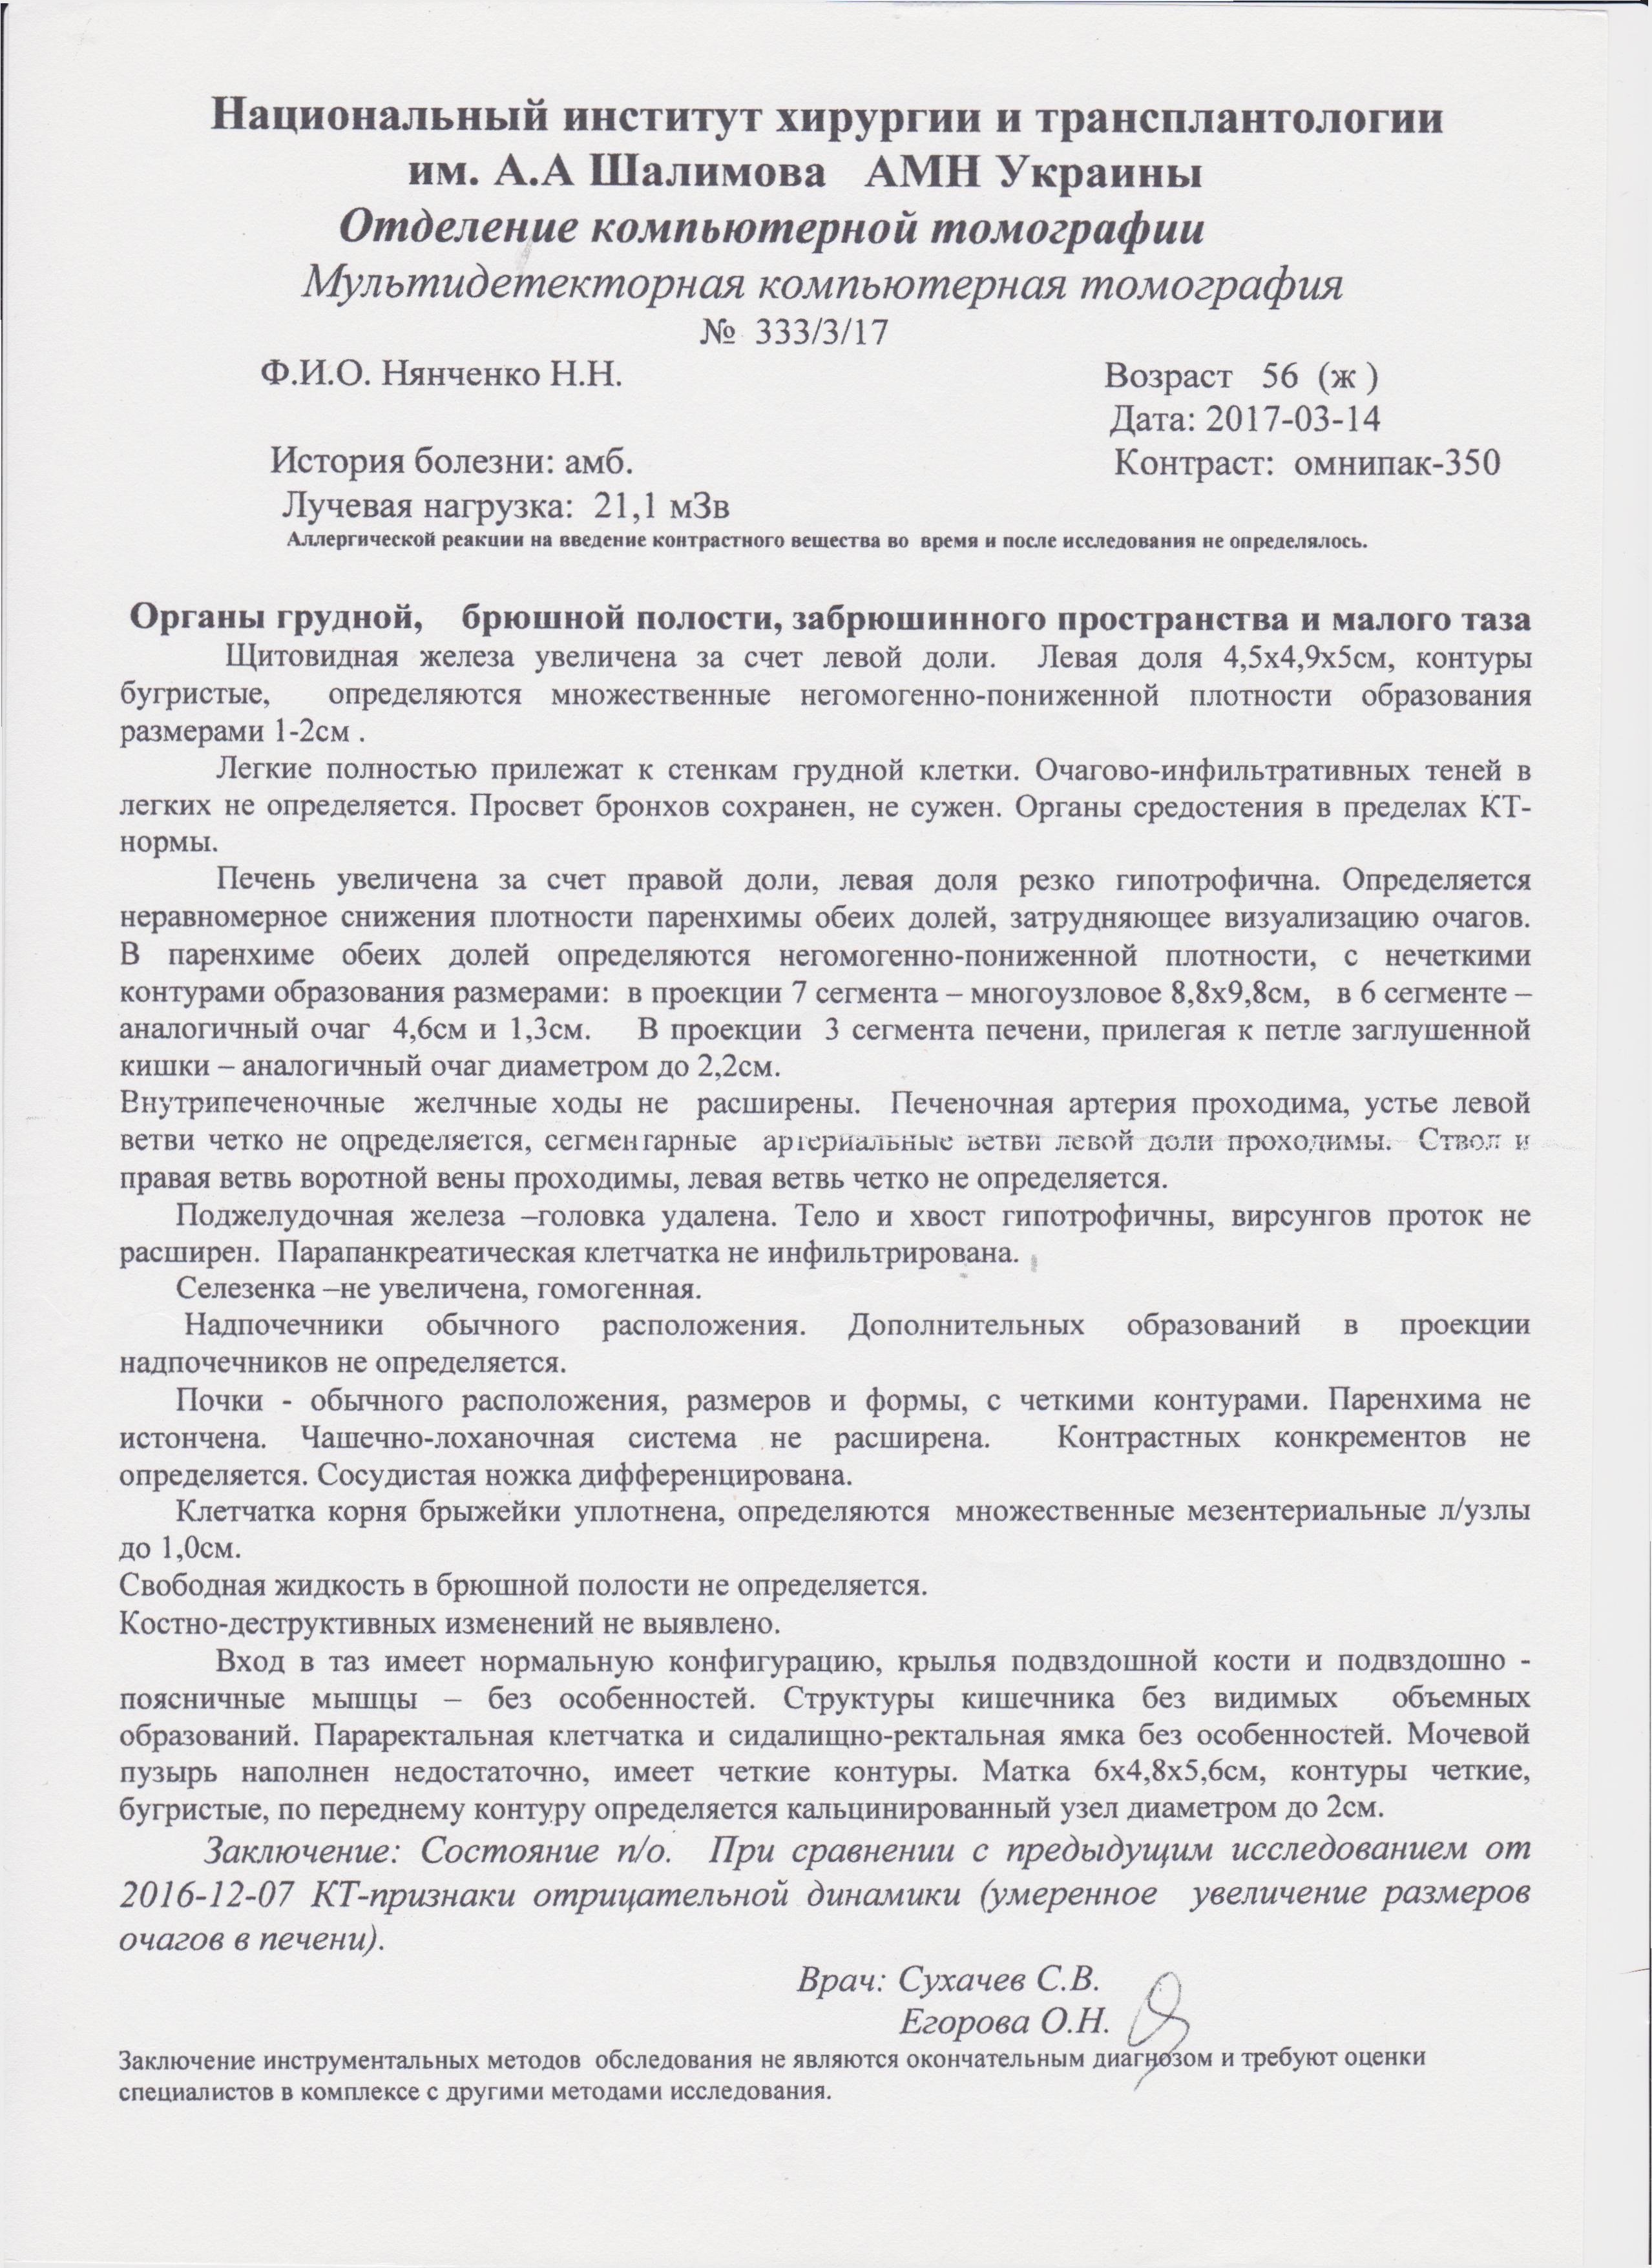 документы Нянченко Н.Н.0007